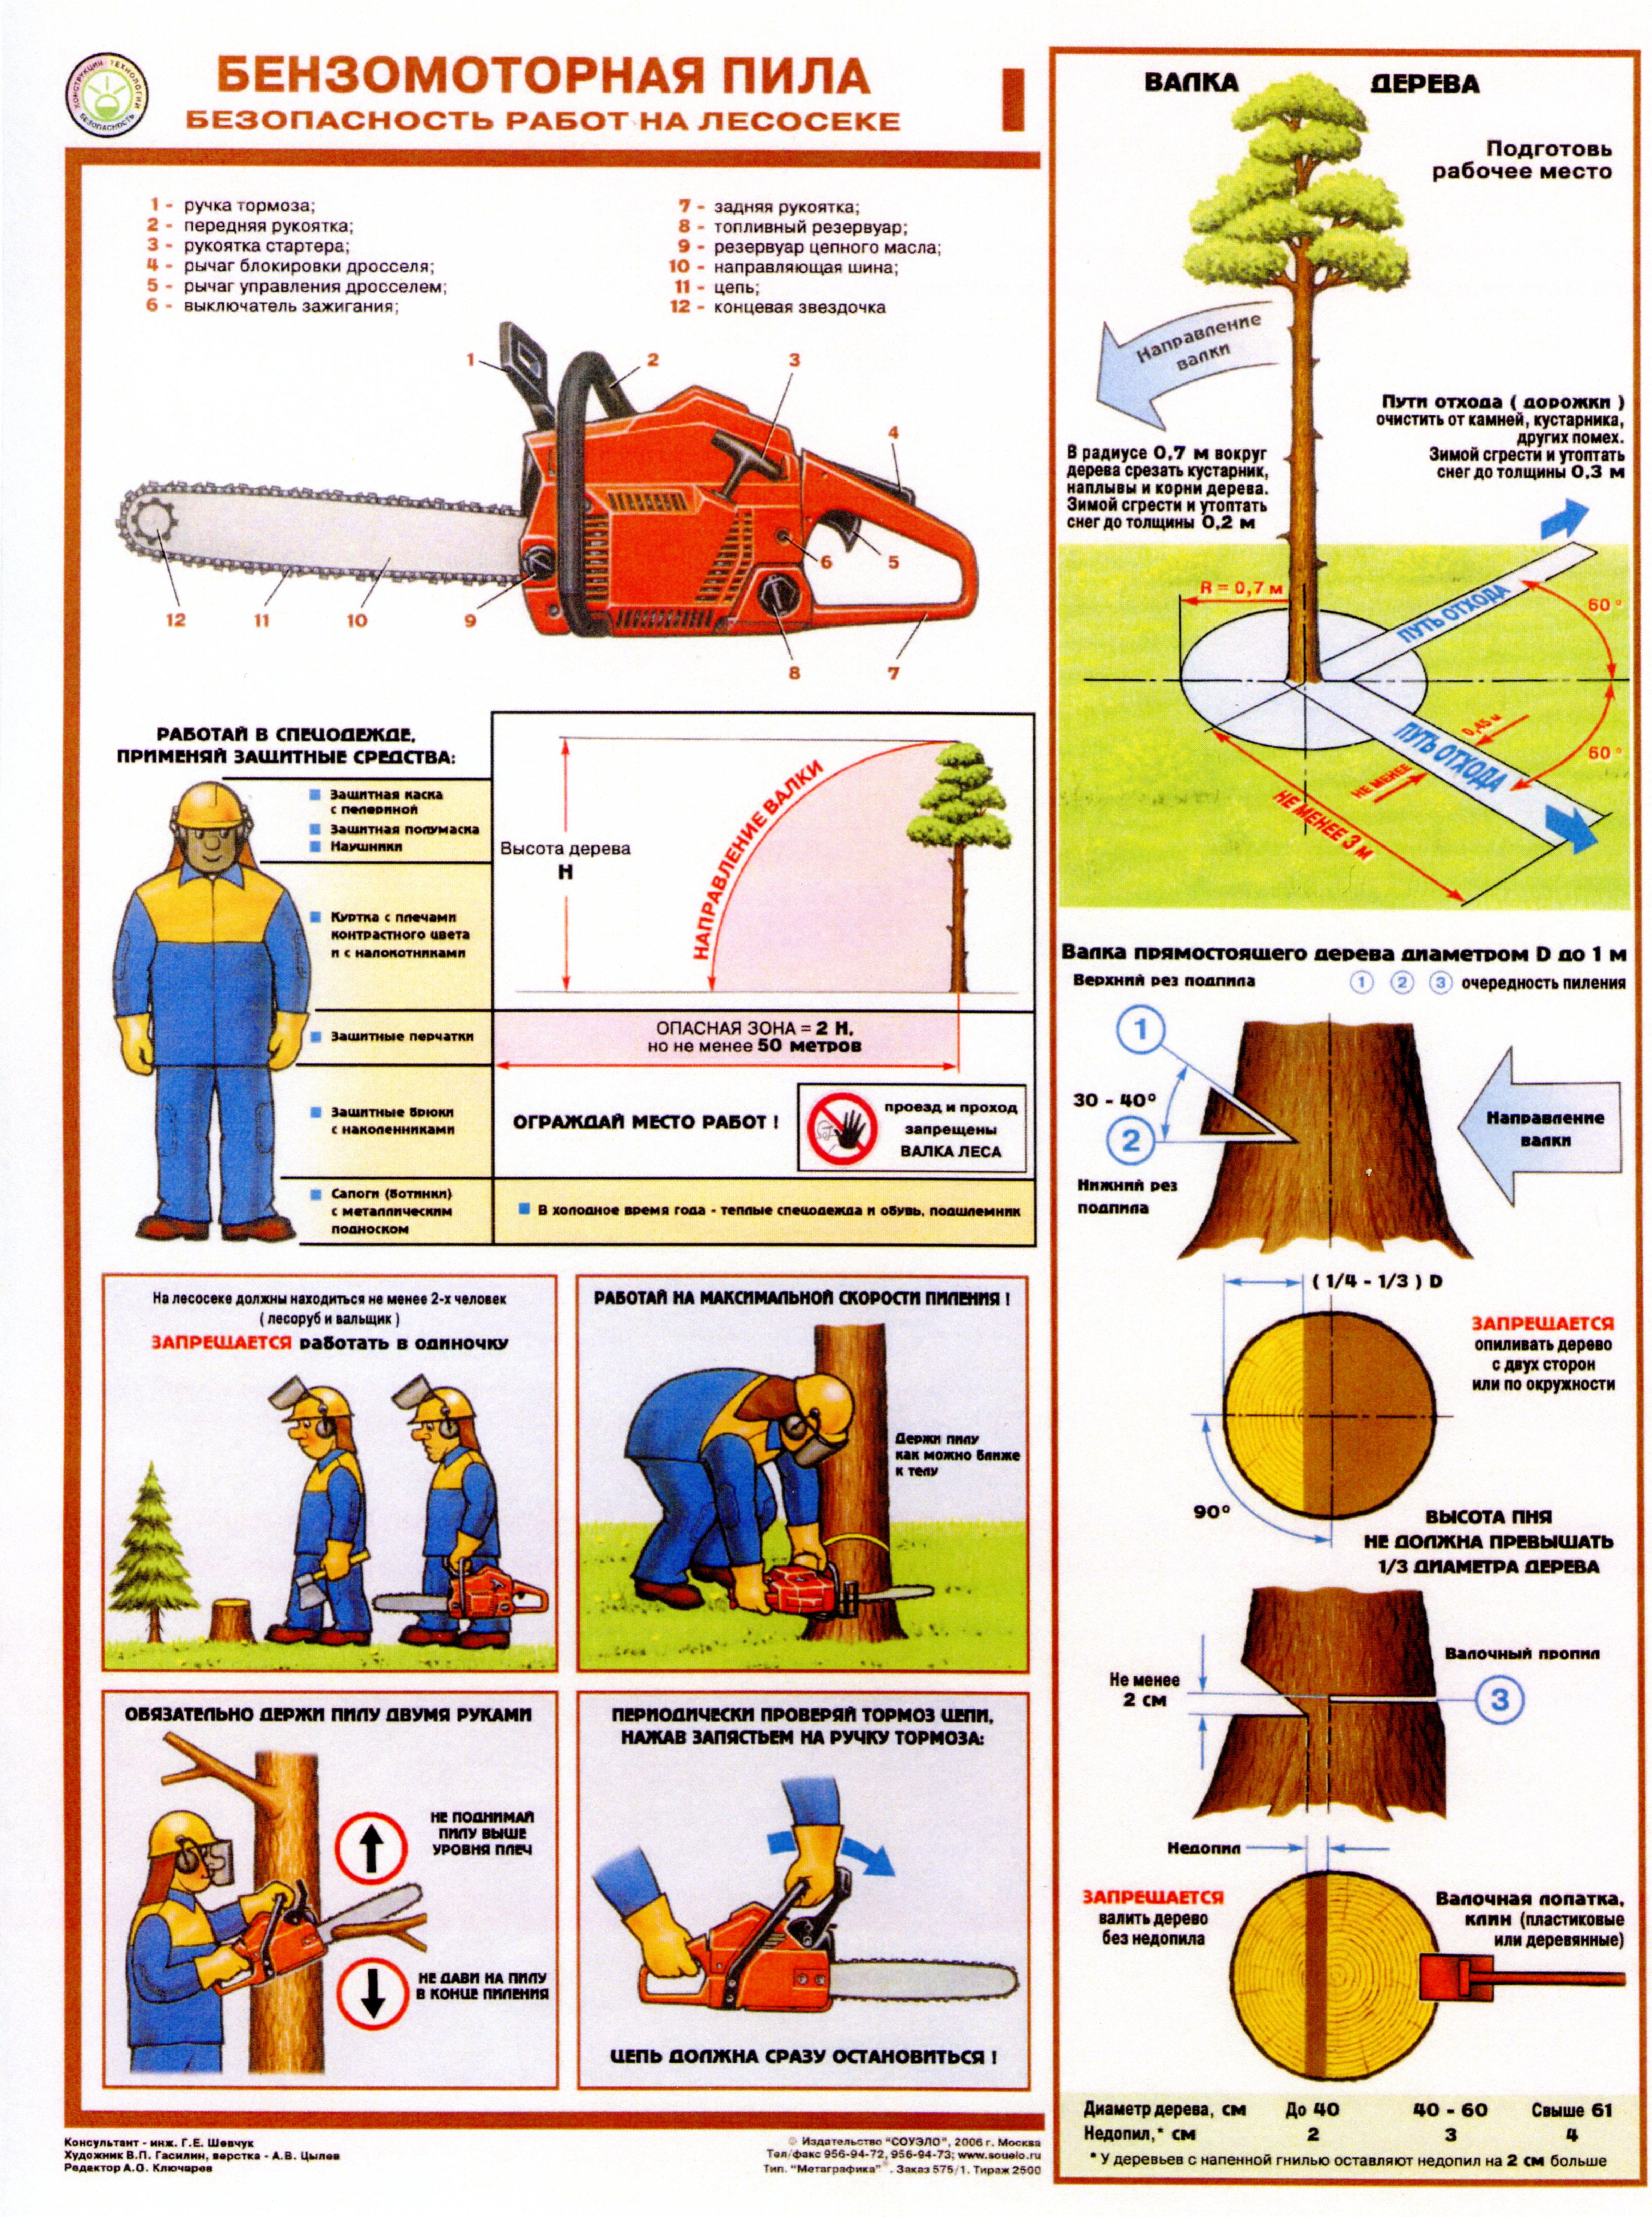 Инструкция По Технике Безопасности На Строительном Объекте